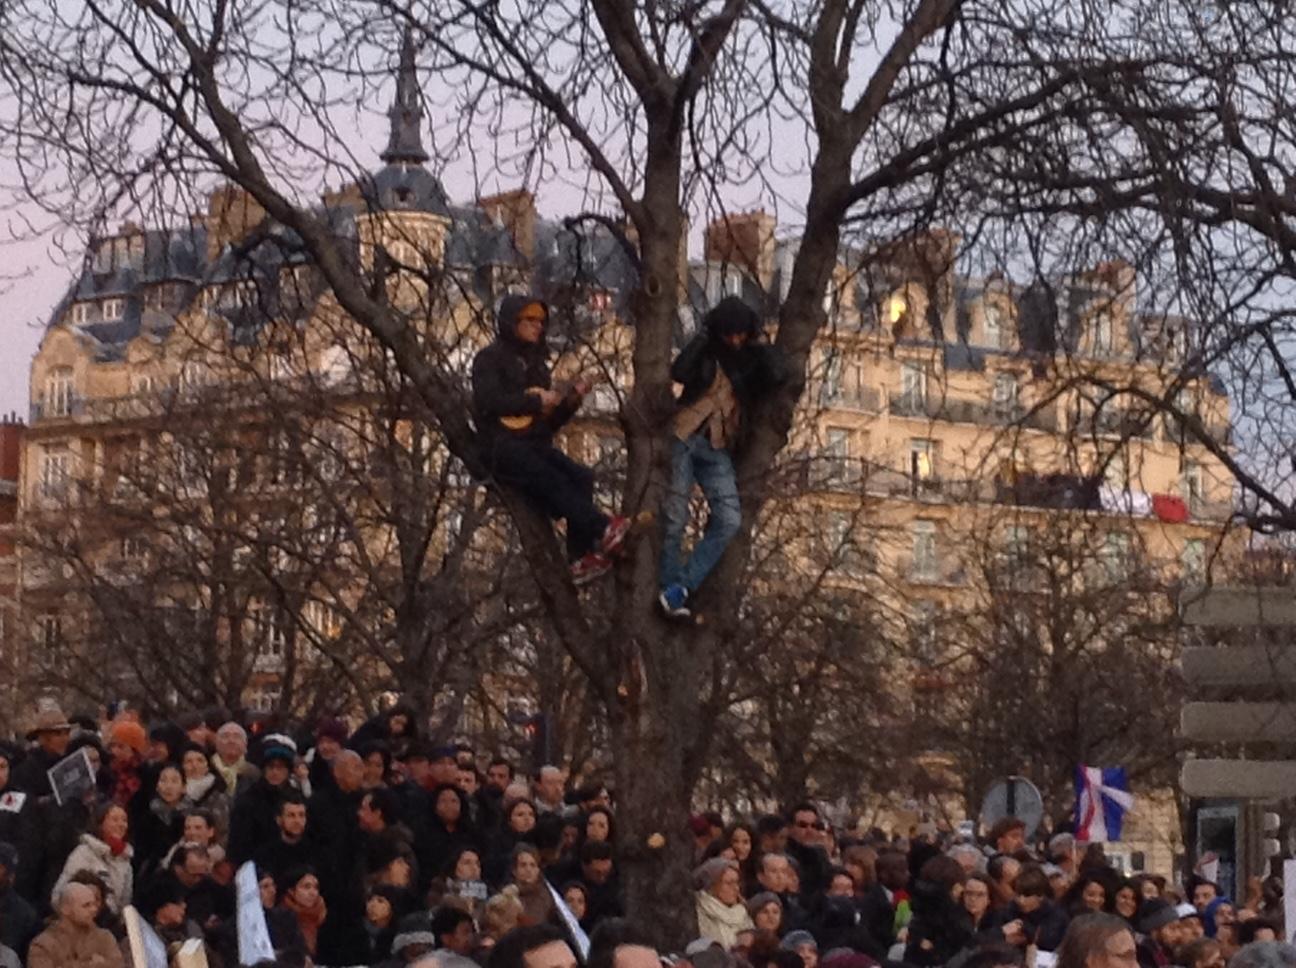 Una folla immensa per dire no al terrore